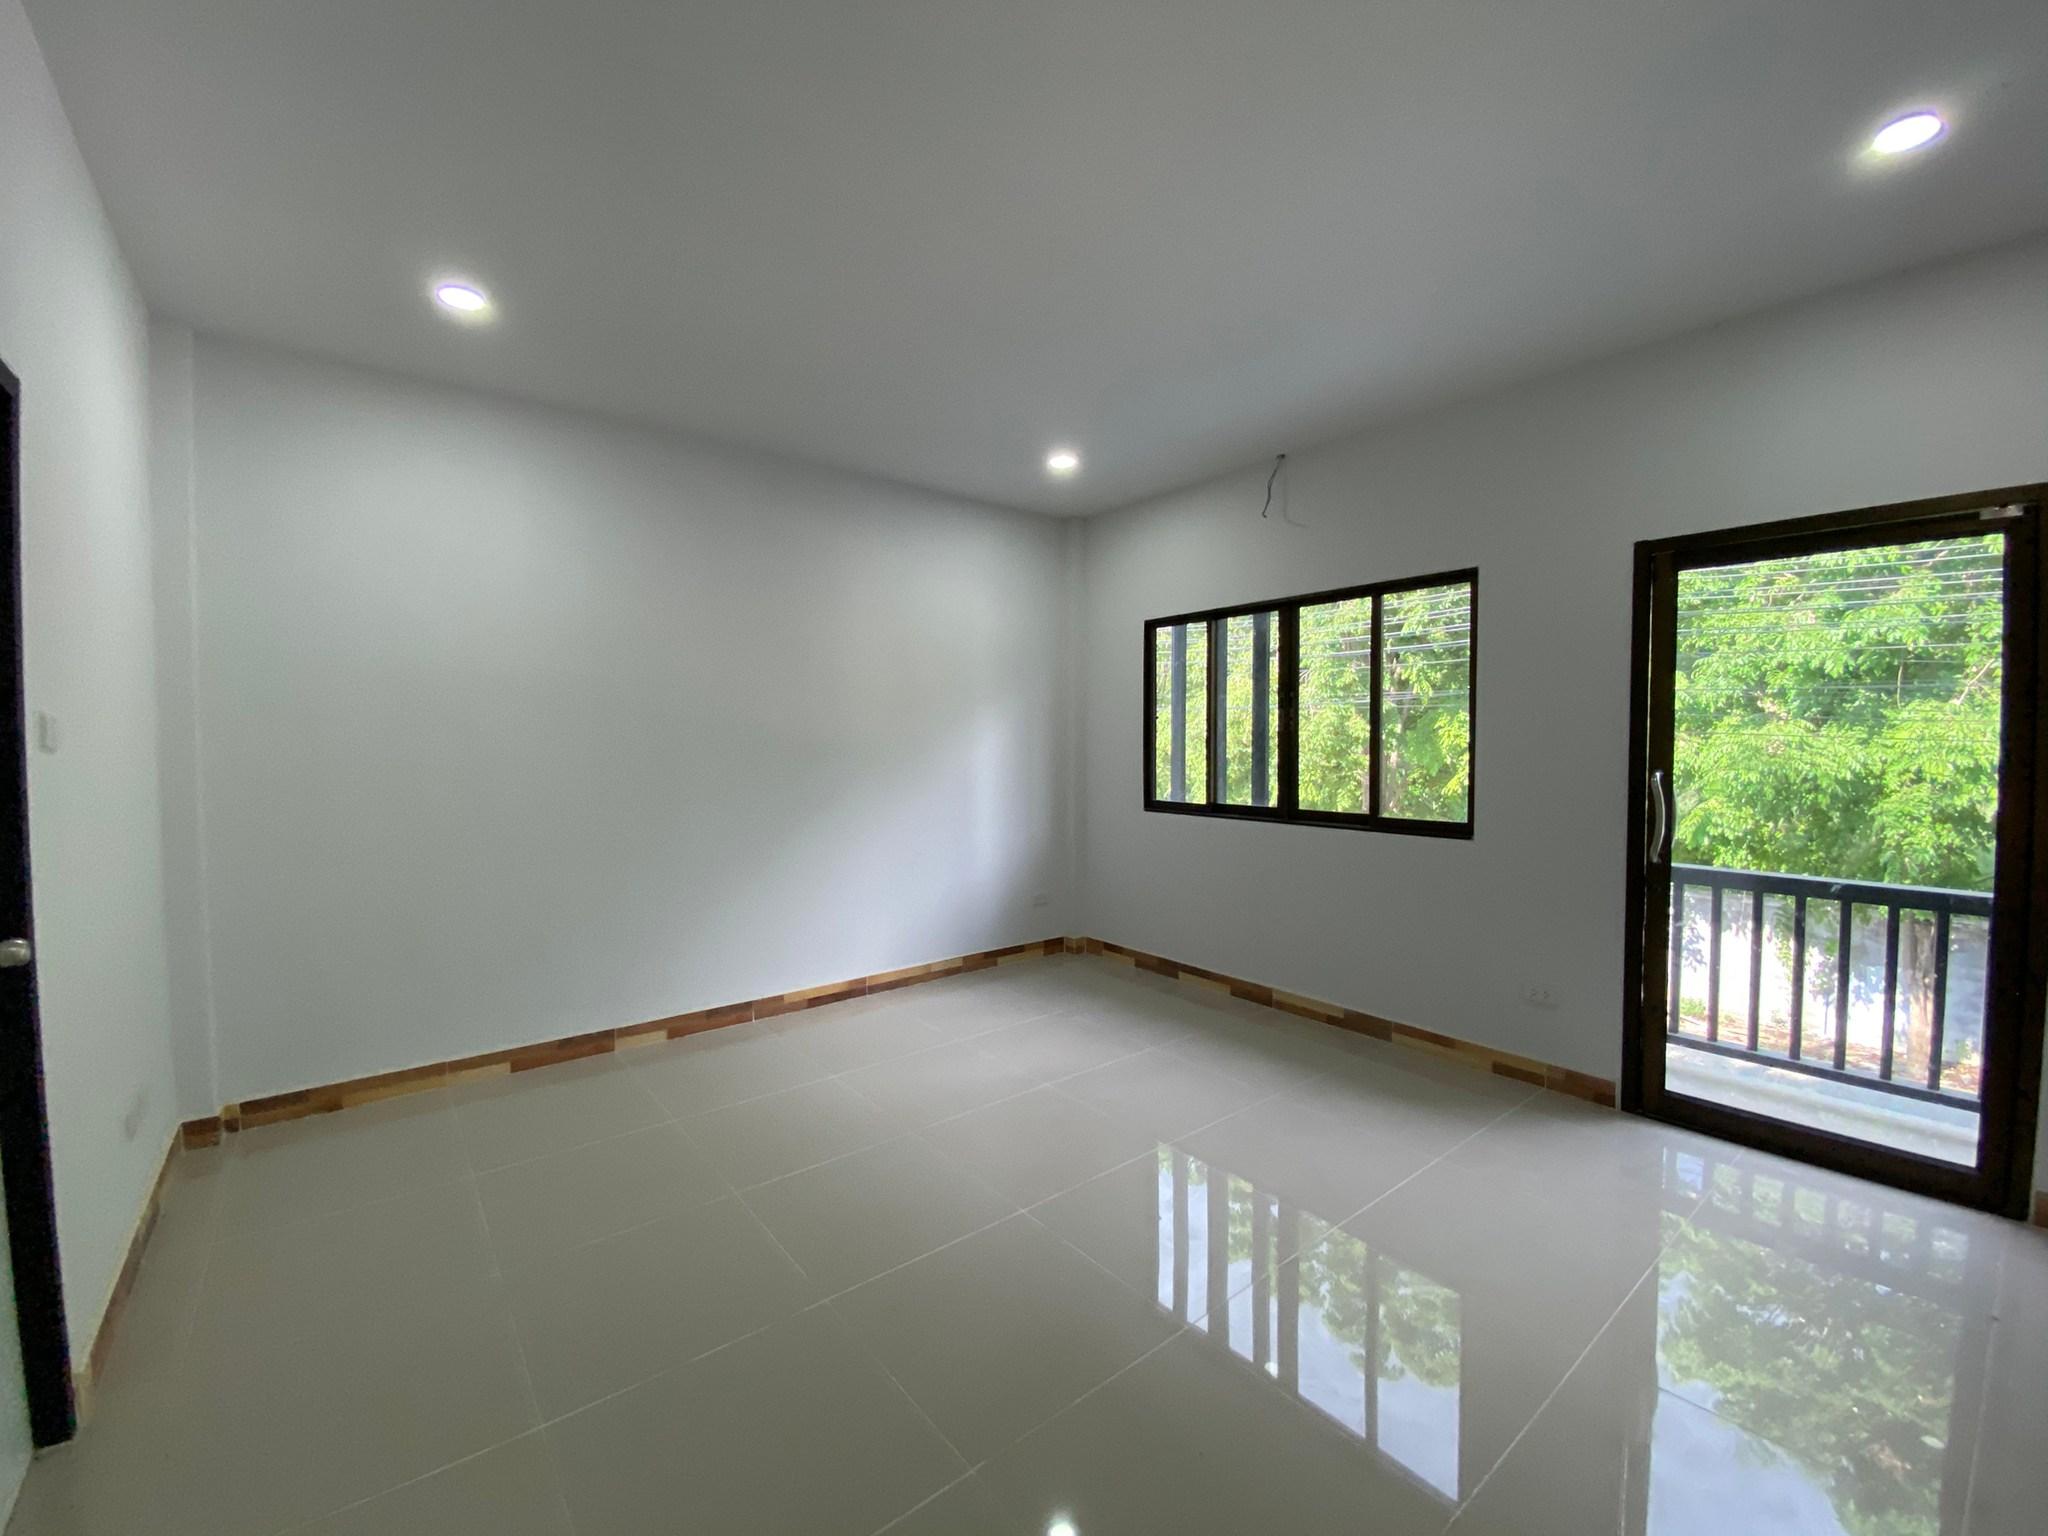 ขาย บ้าน 3 ห้องนอน ย่าน Nong Pru